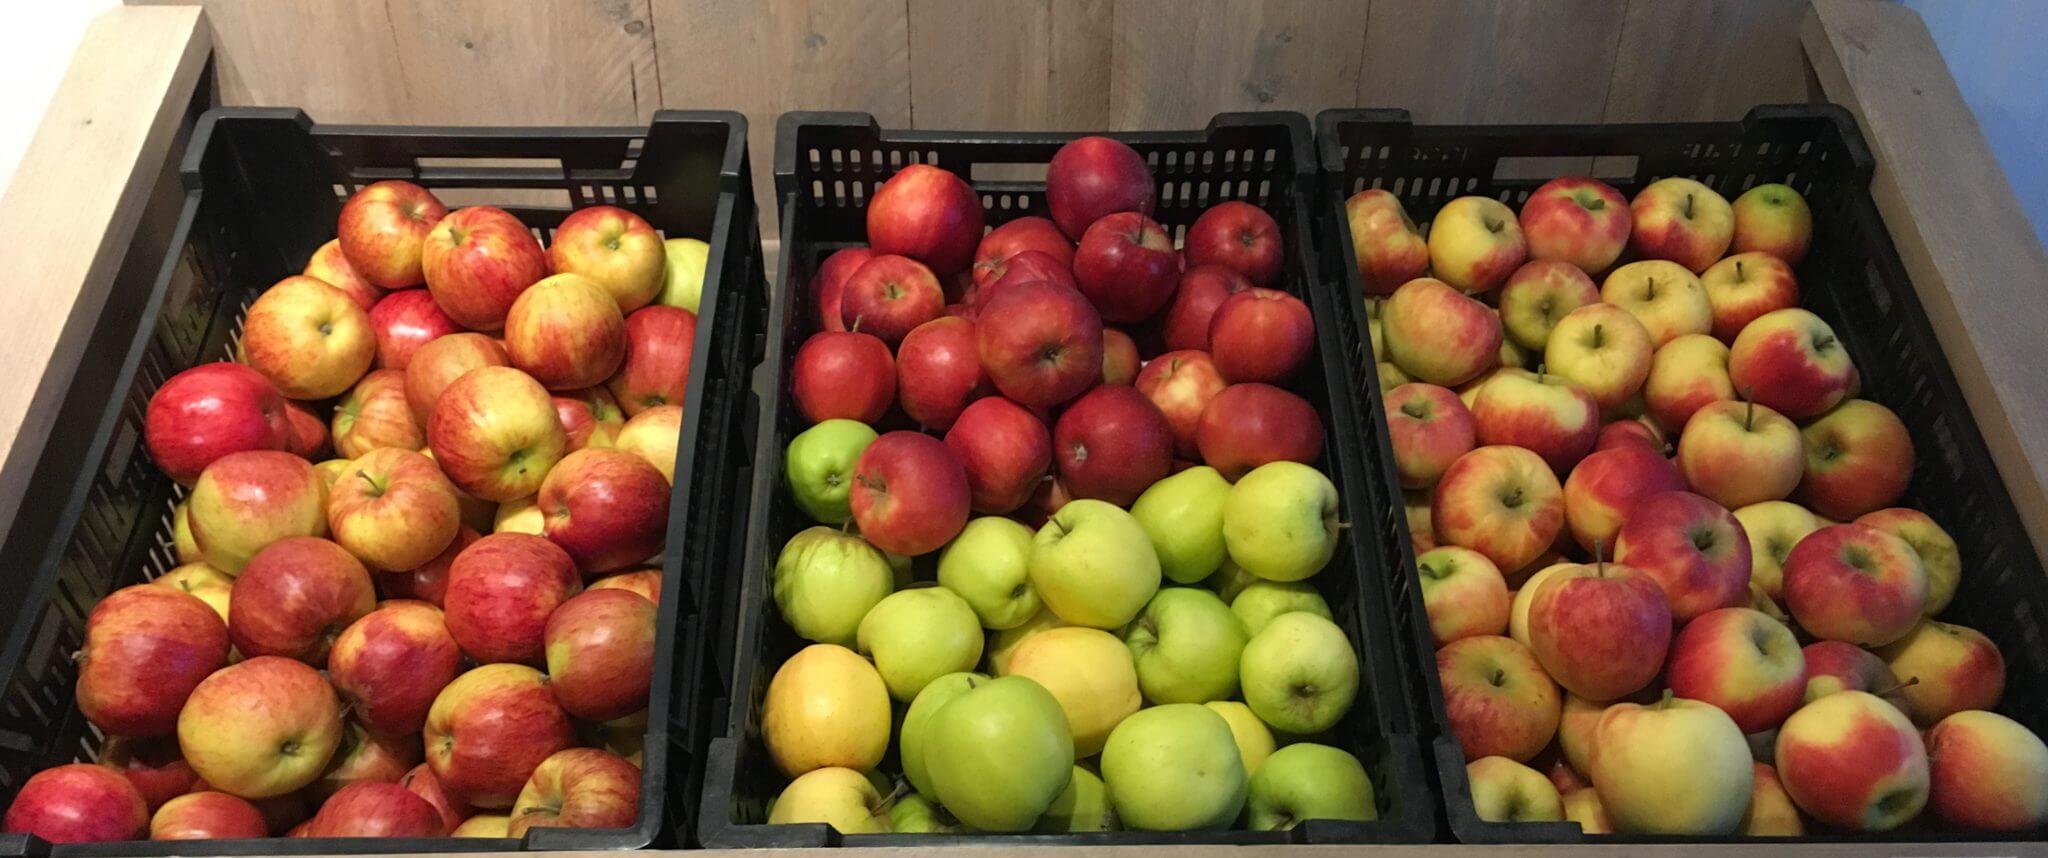 Fruitbedrijf Van den Berge_gemengde appels